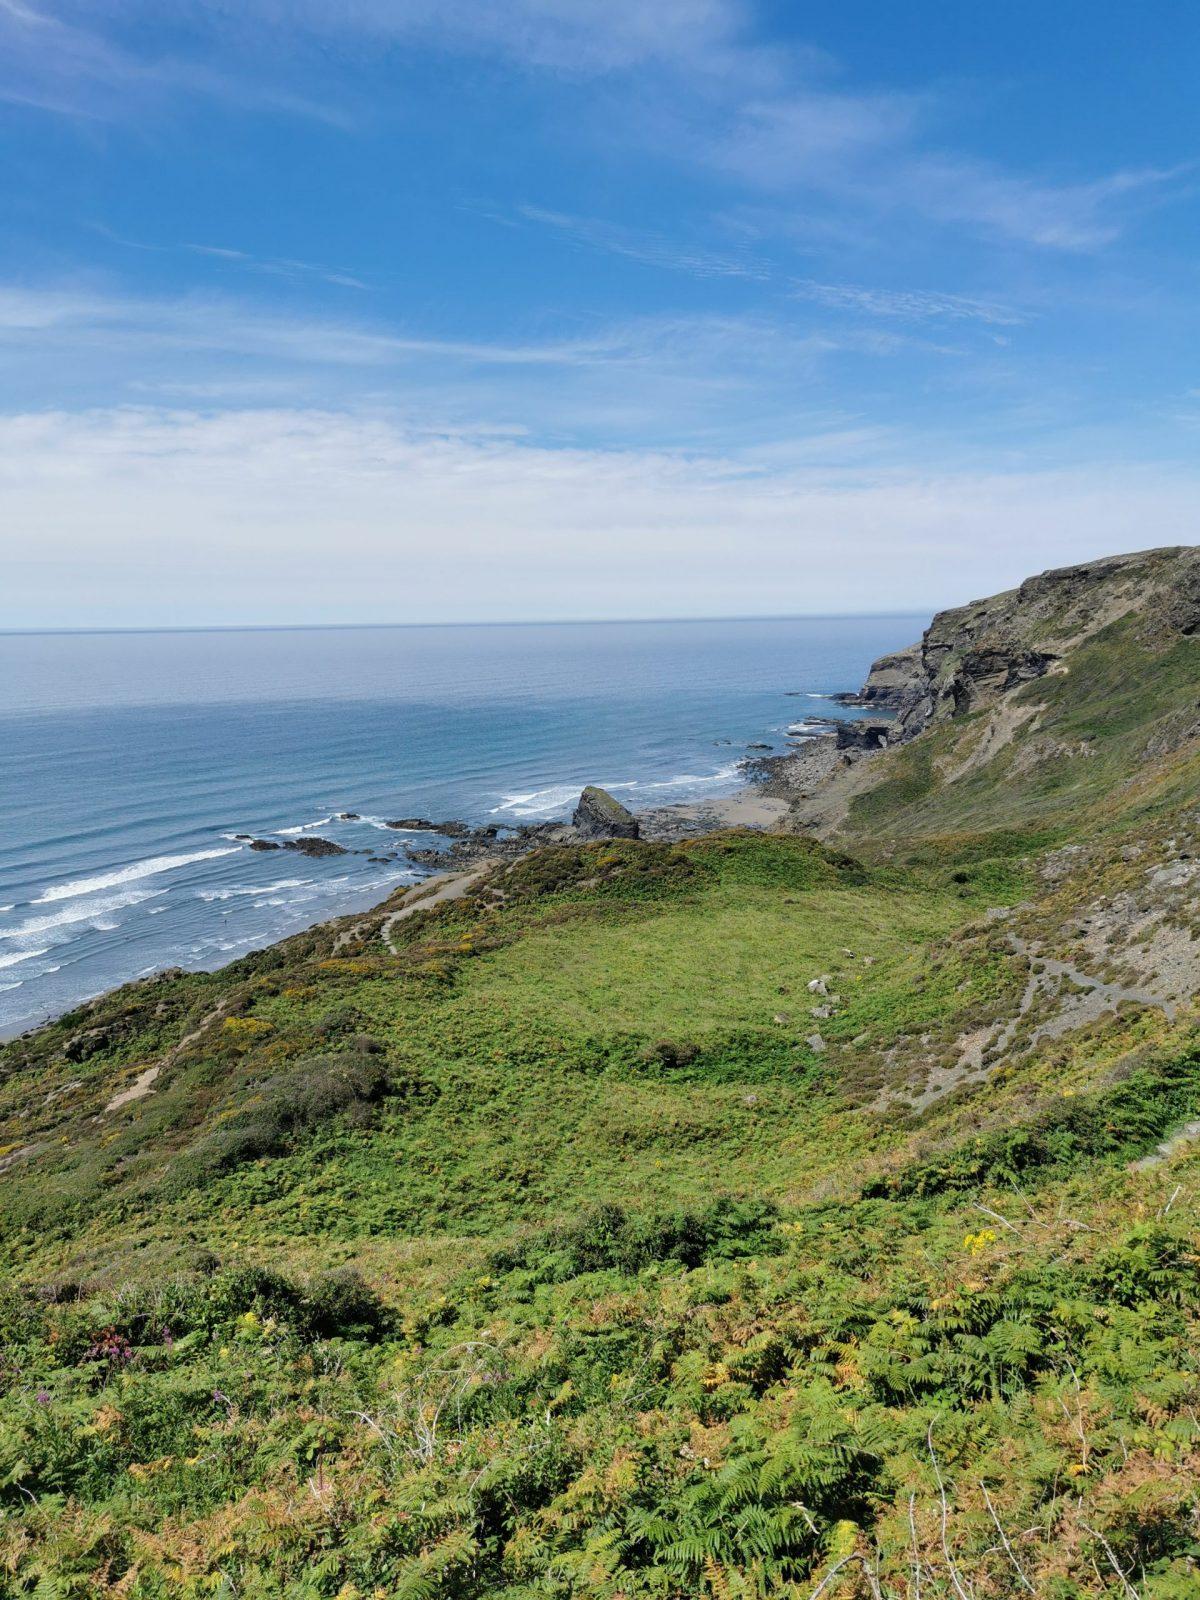 The Strangles Beach & Trail: A Hidden & Quiet Beach in Cornwall 4